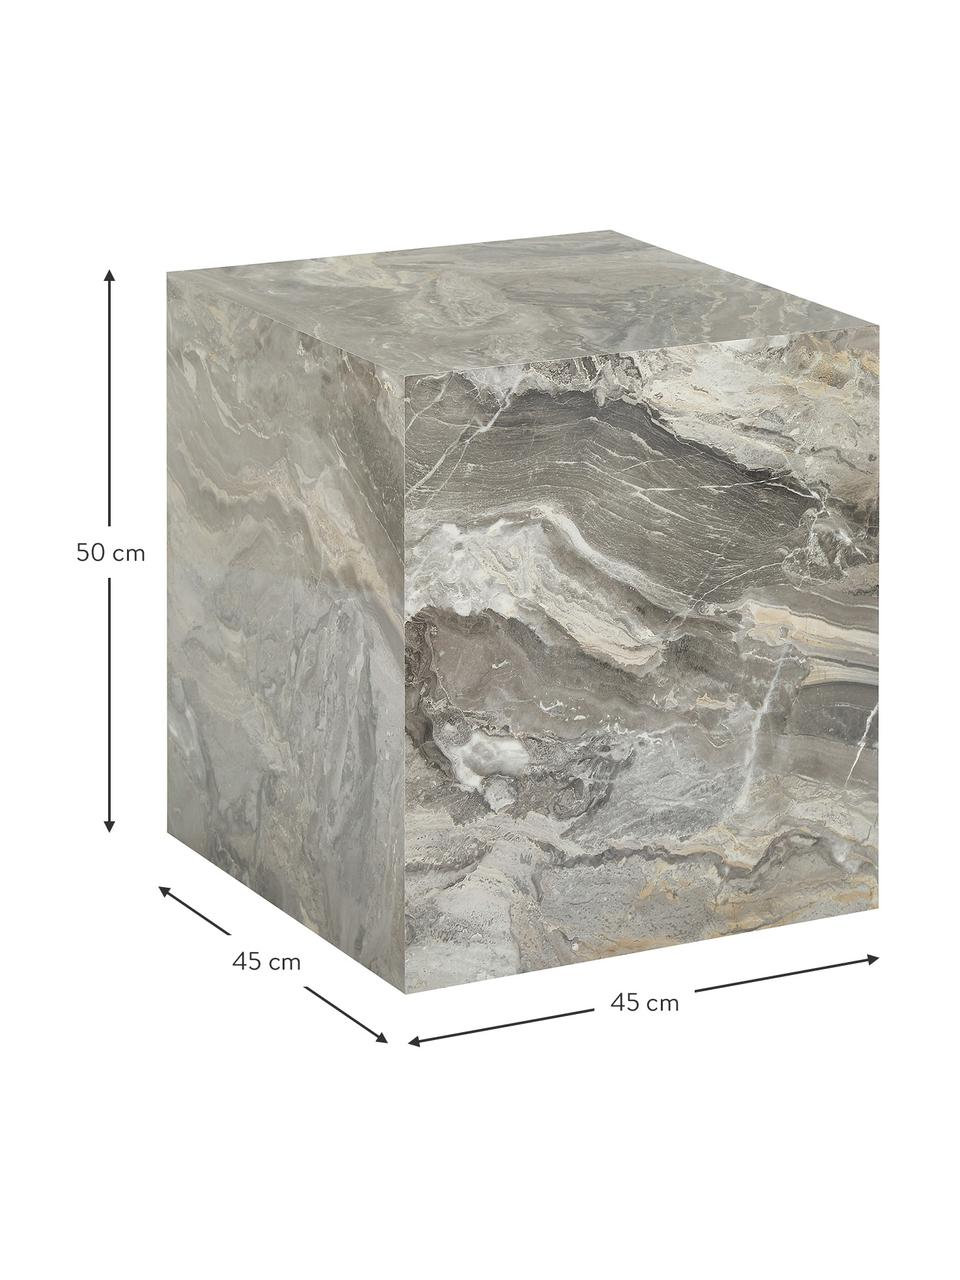 Beistelltisch Lesley in Marmoroptik, Mitteldichte Holzfaserplatte (MDF), mit Melaminfolie überzogen, Grau, Marmoroptik, 45 x 50 cm